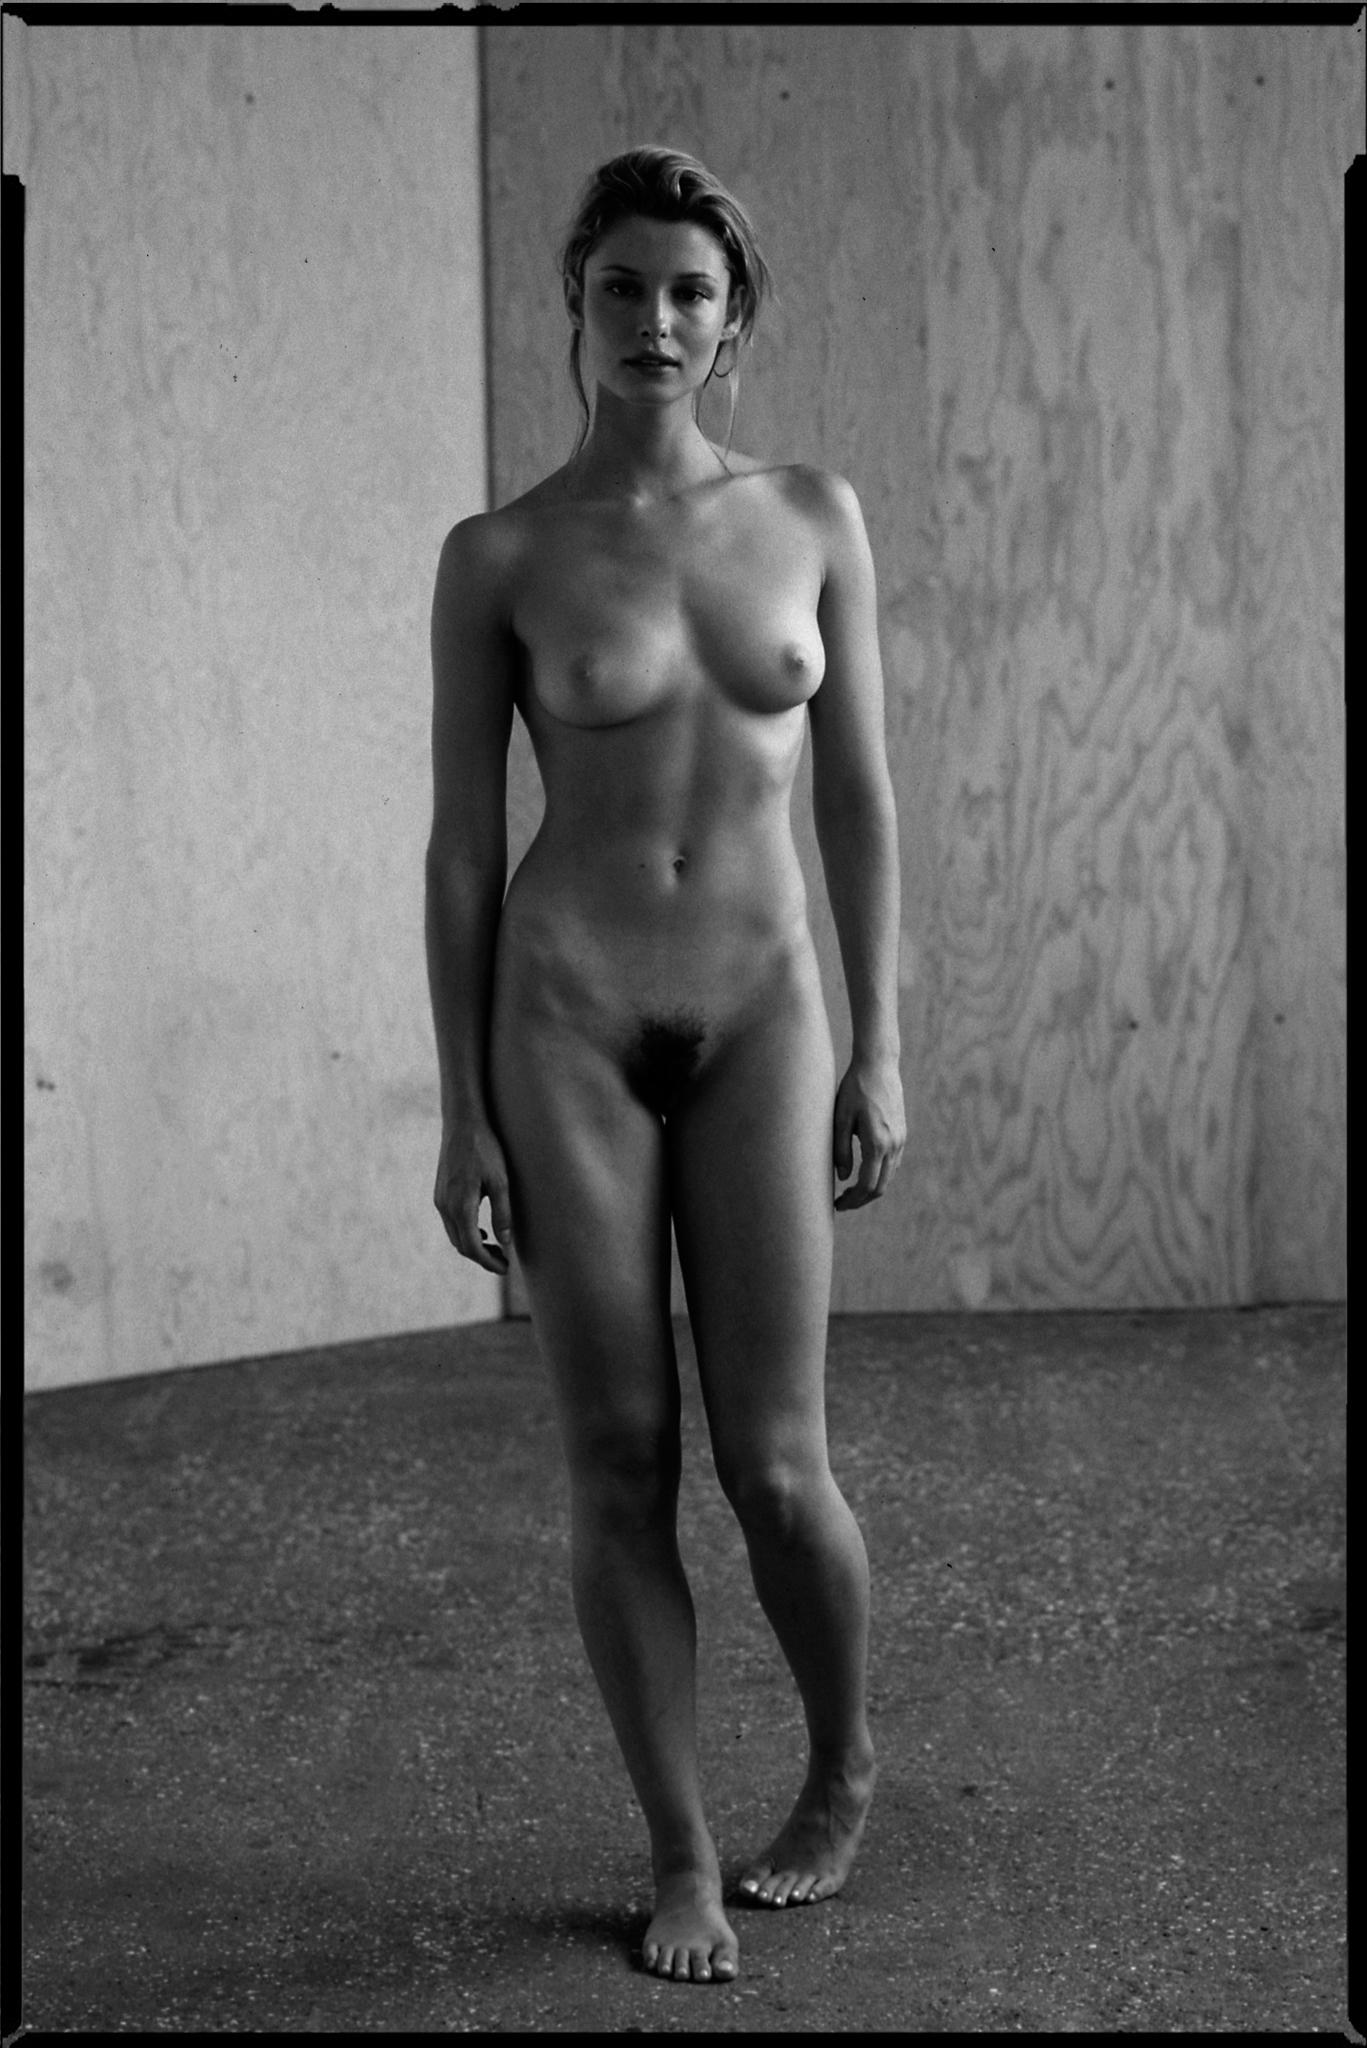 Stefanie naked4X5_2011 copy.jpg